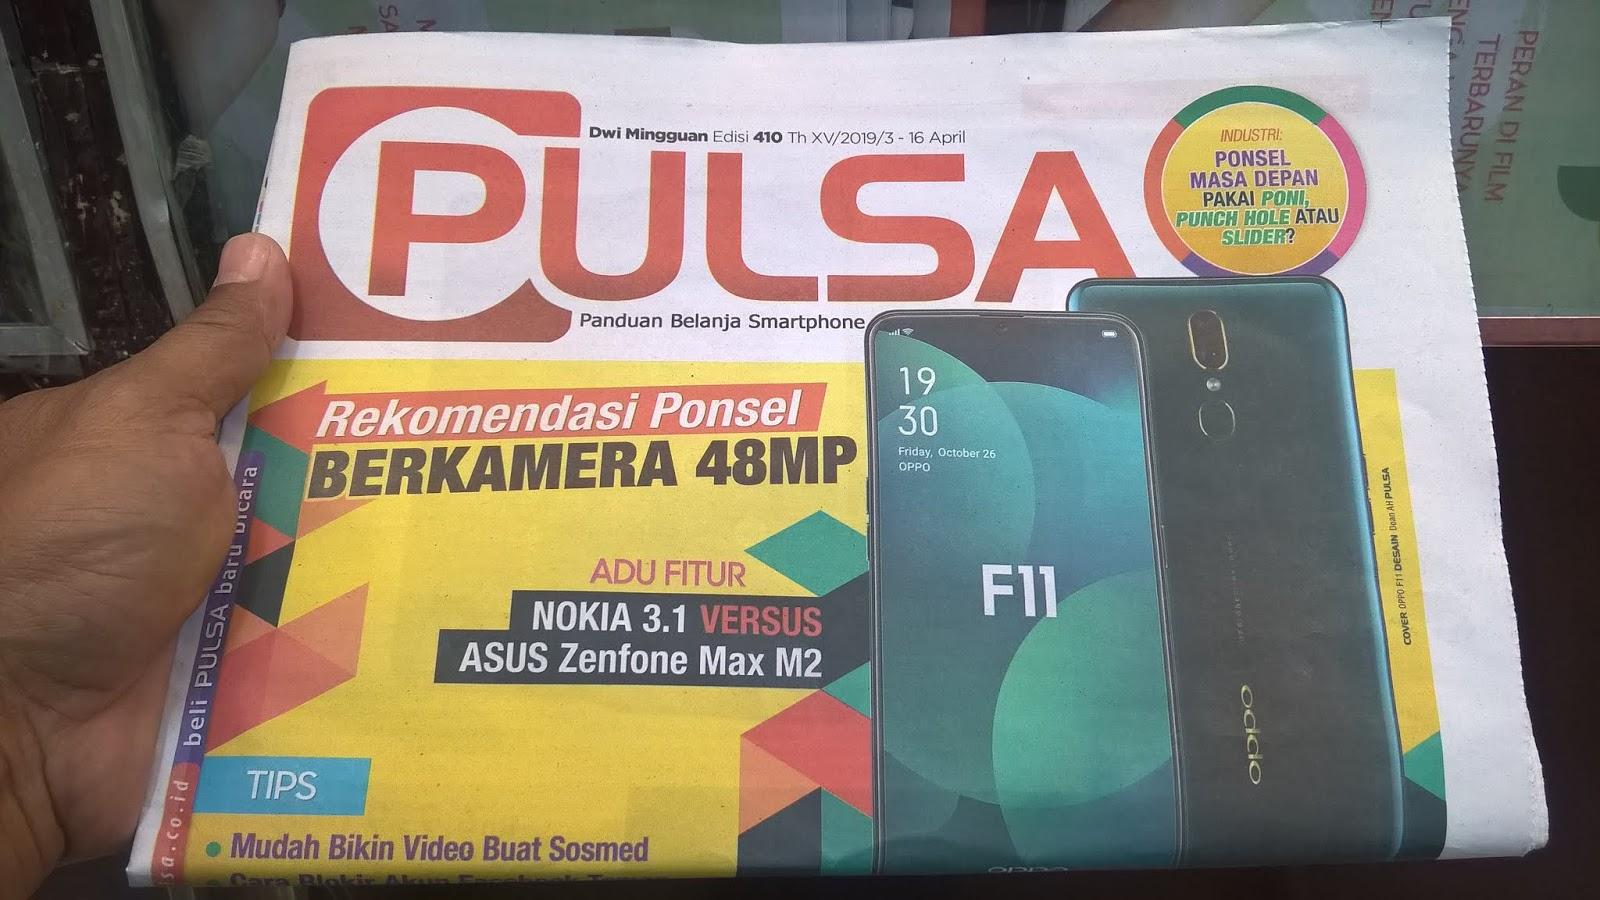 Majalah Pulsa